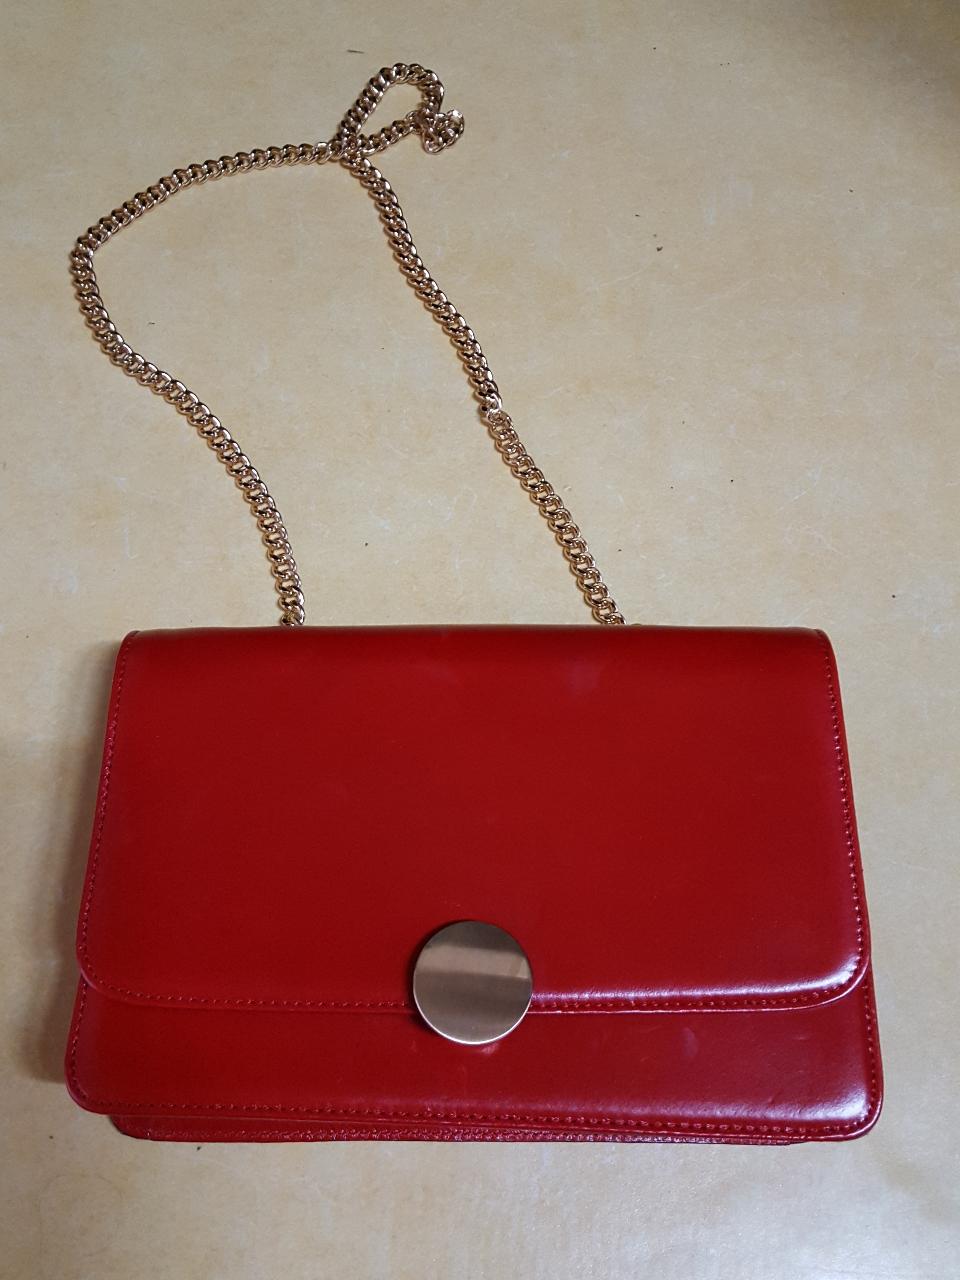 핸드백 가방